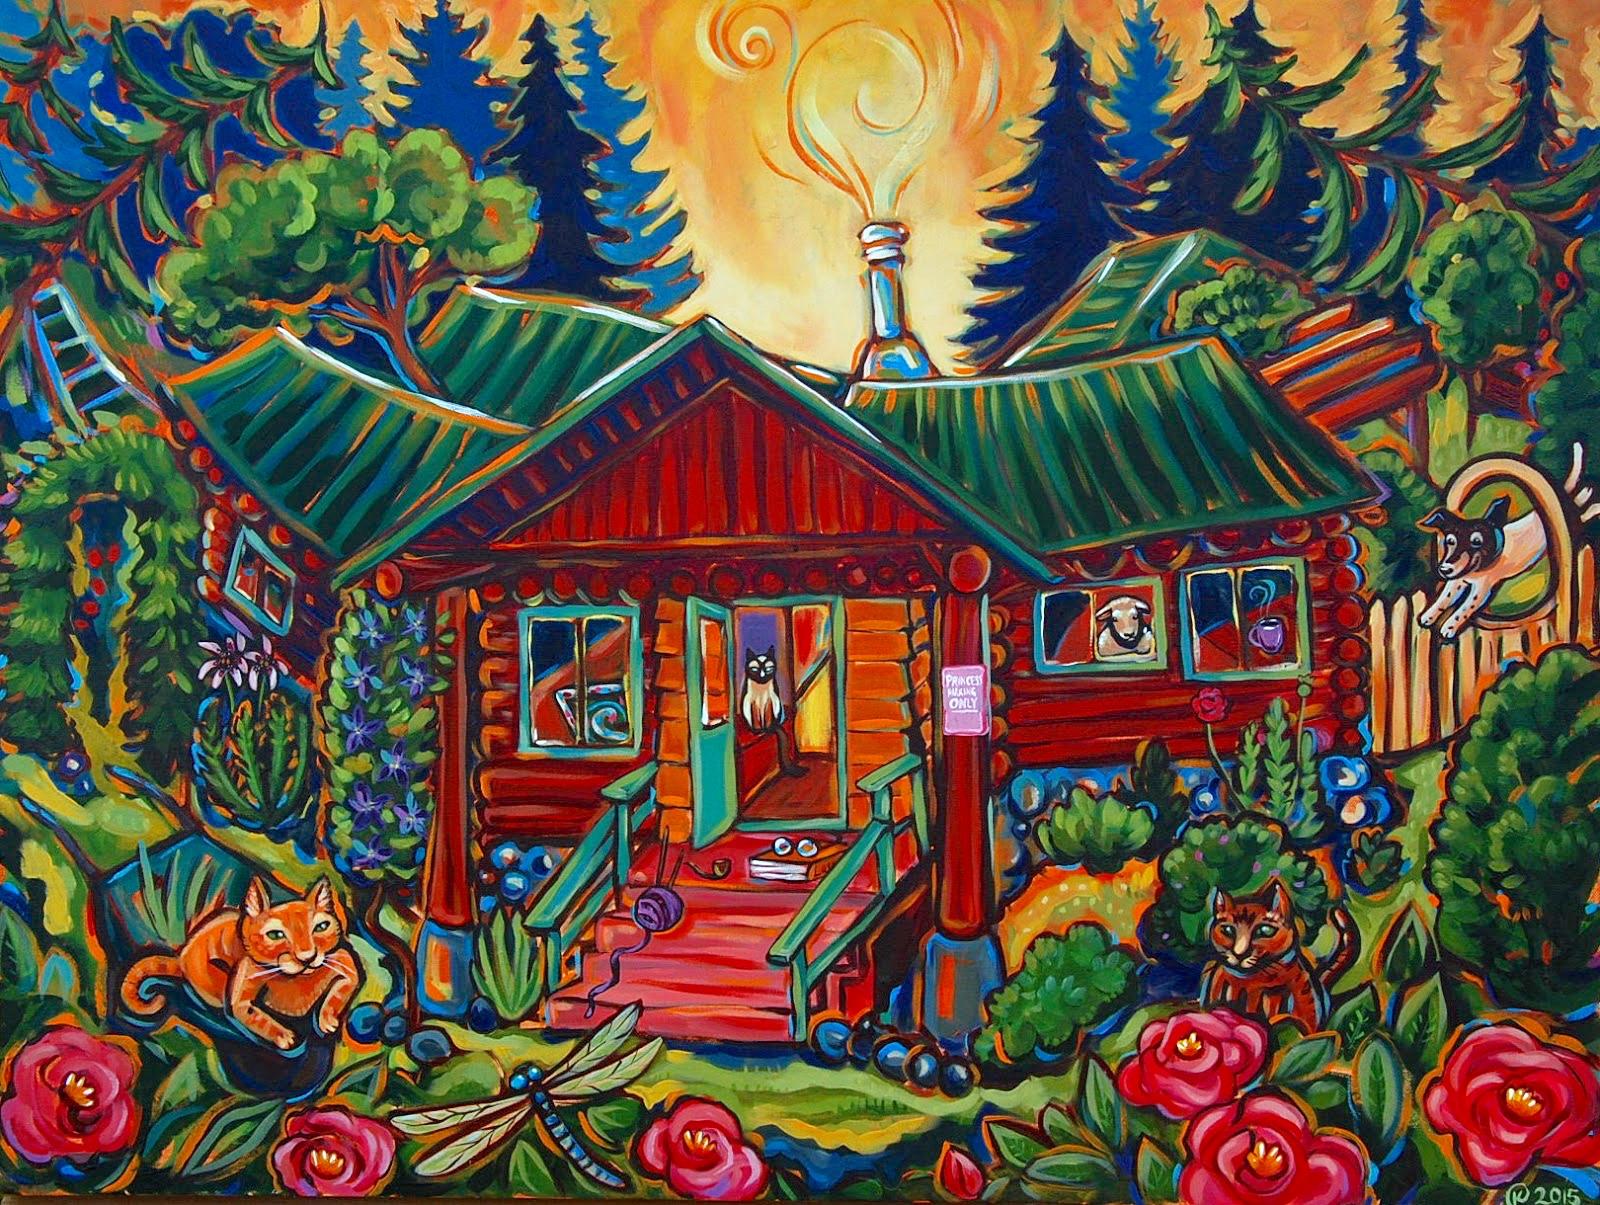 Karen's House 2015. Commission